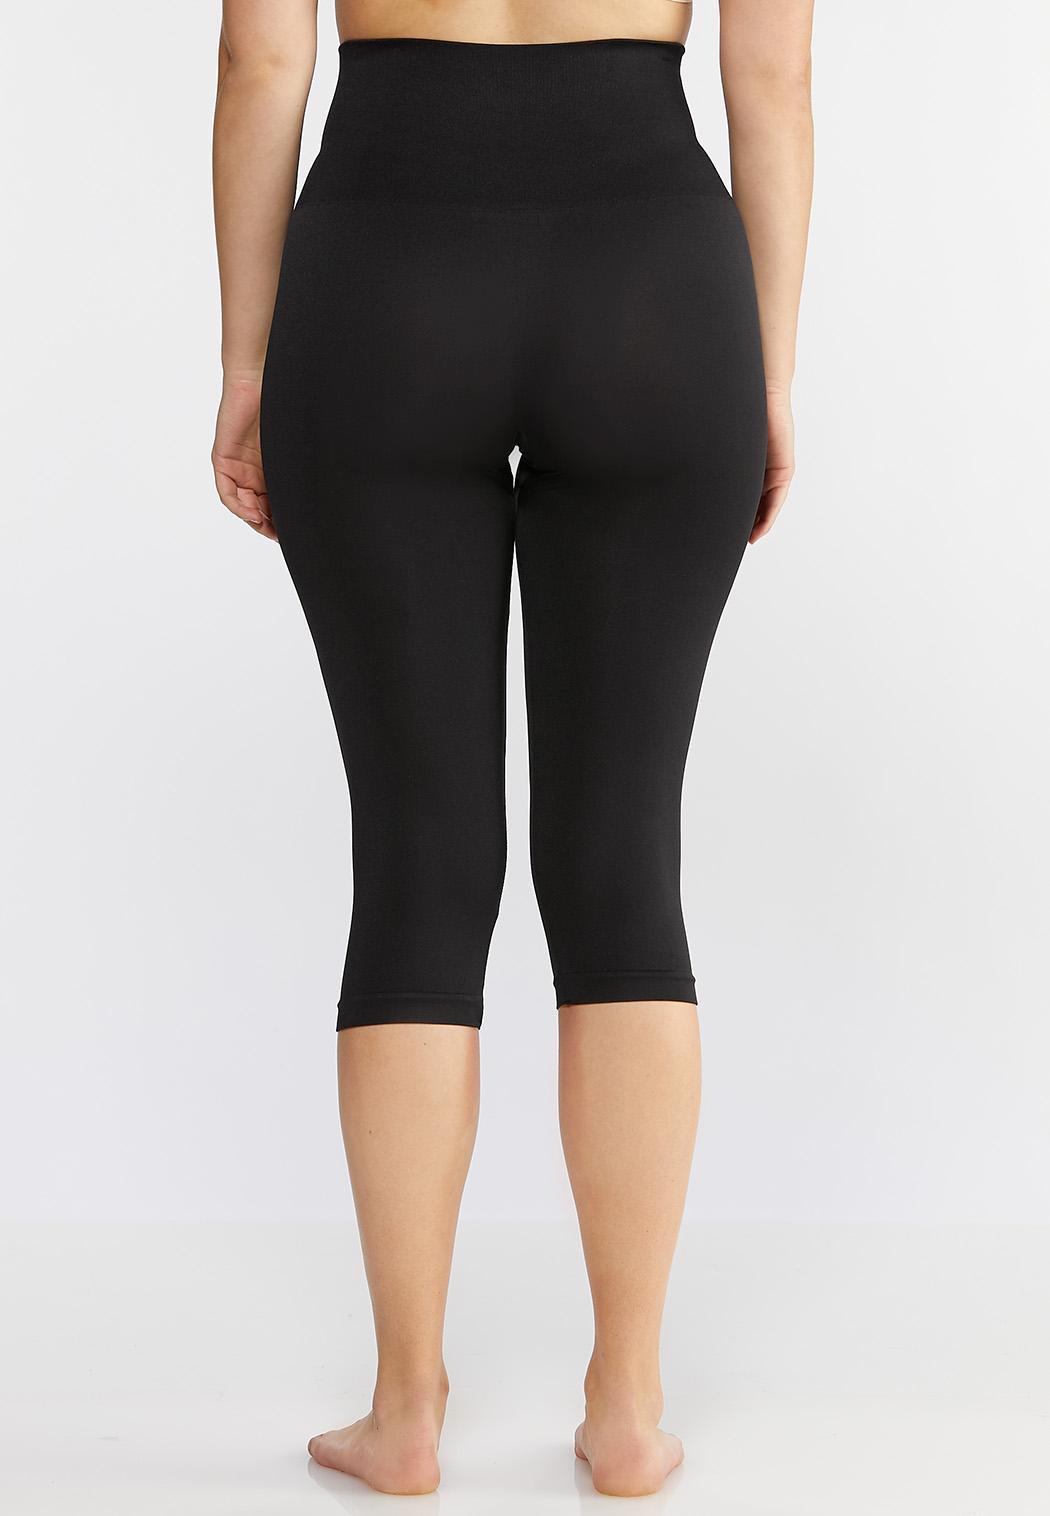 Plus Size The Perfect Capri Leggings (Item #38535480)